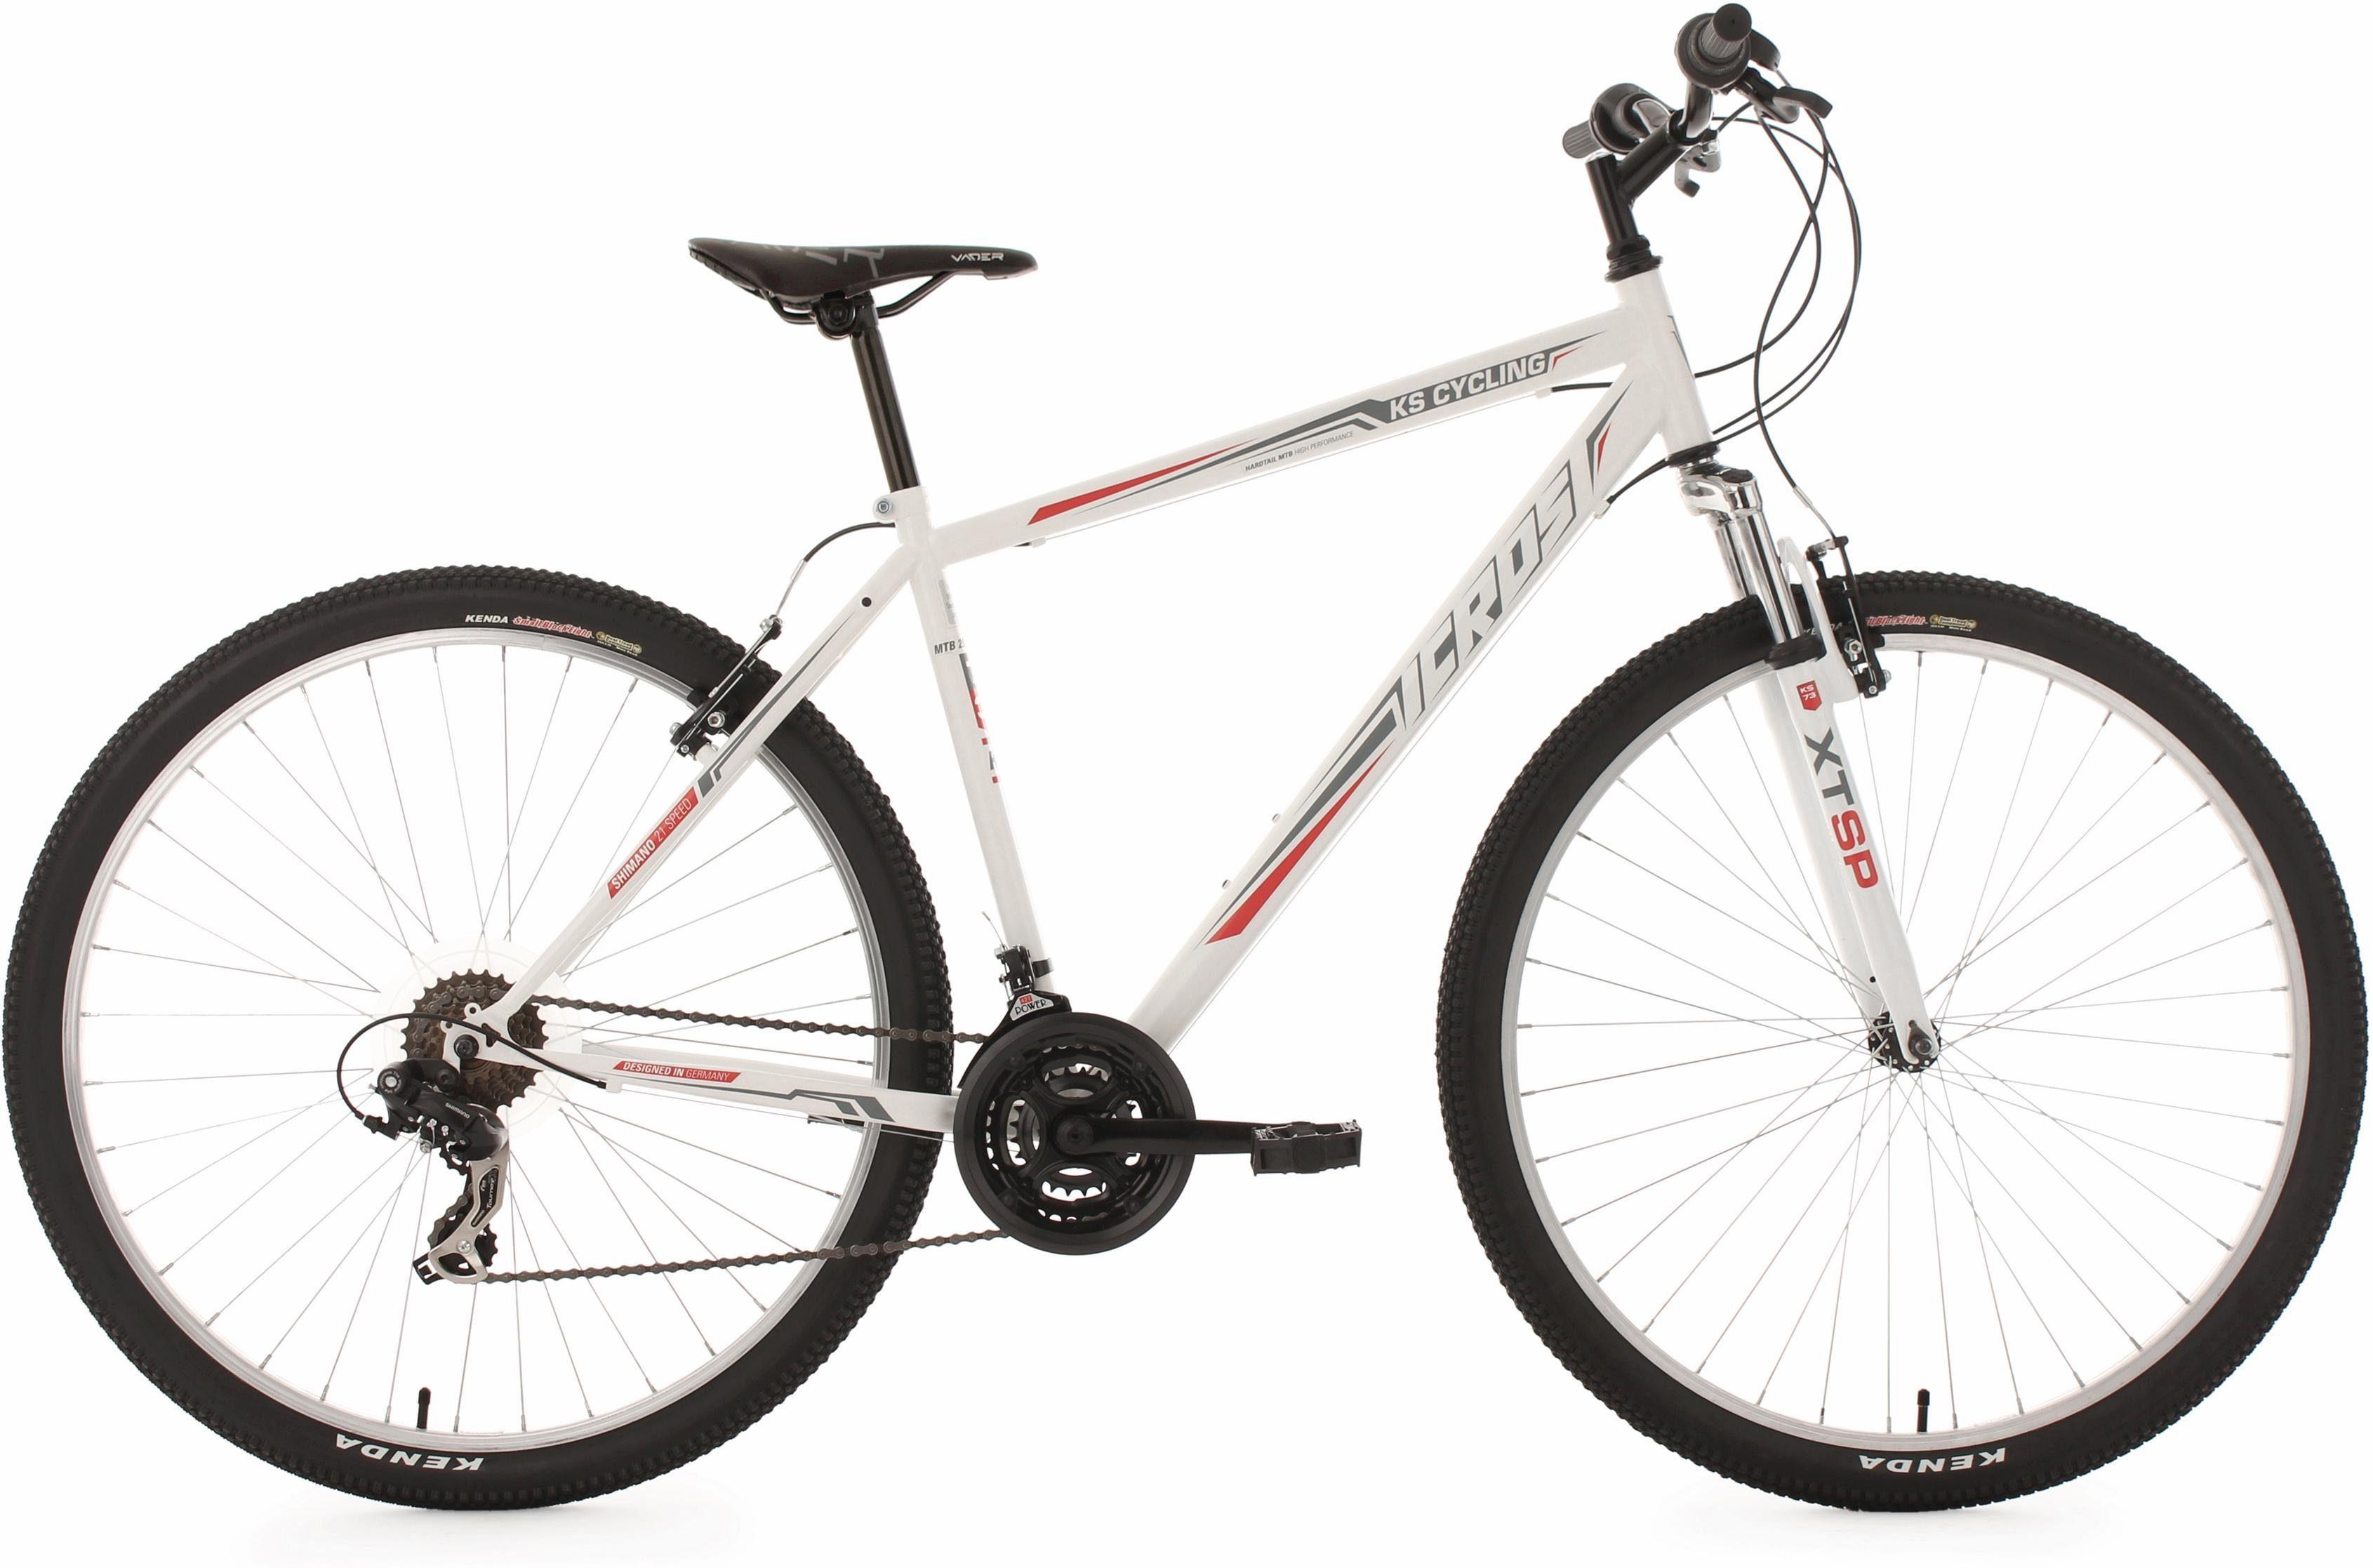 KS Cycling Hardtail Mountainbike, 29 Zoll, weiß-rot, 21 Gang-Kettenschaltung, »Icros«